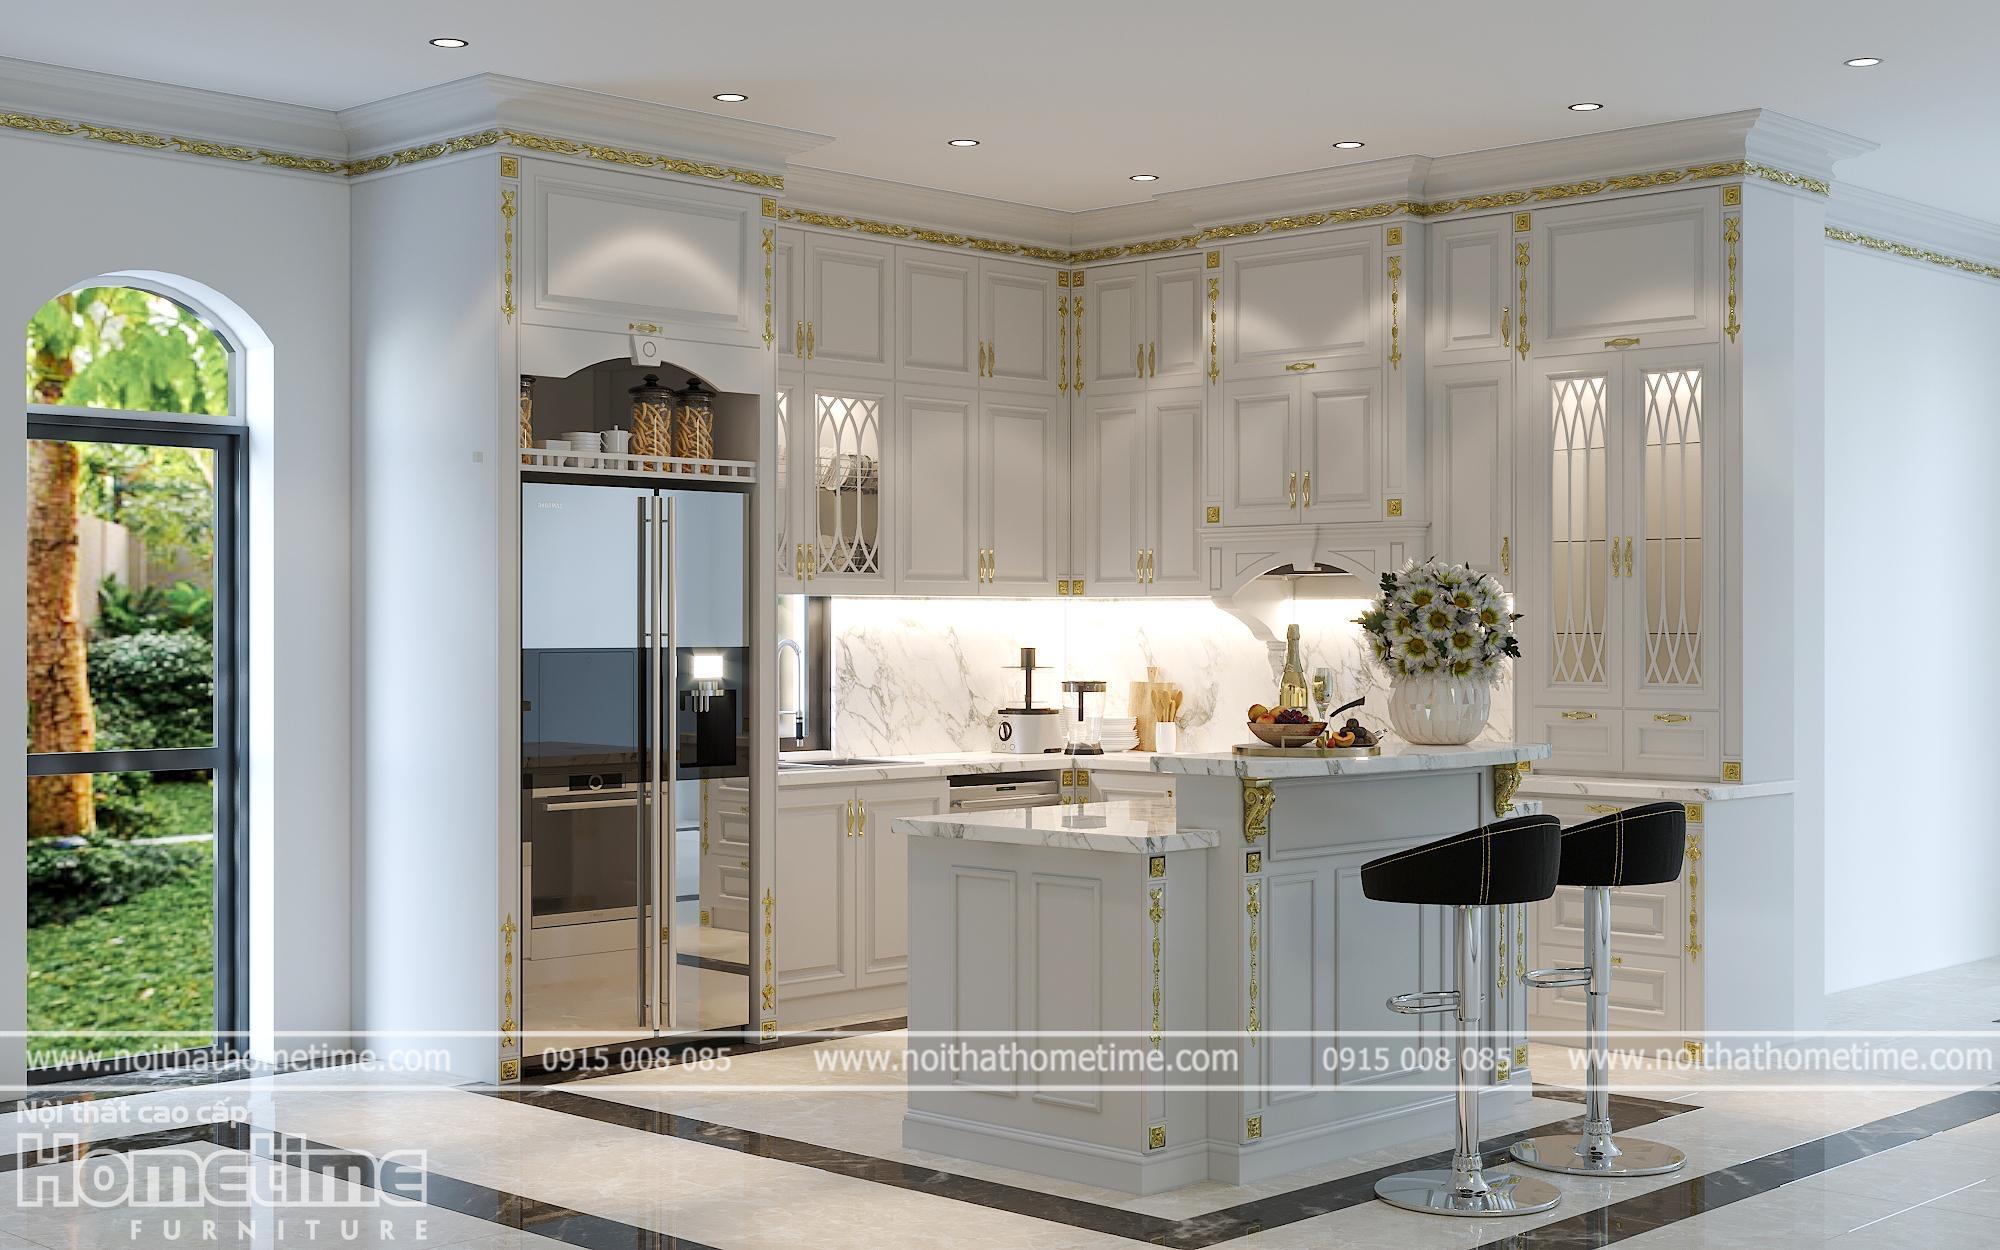 Thi công tủ bếp tân cổ điển màu trắng